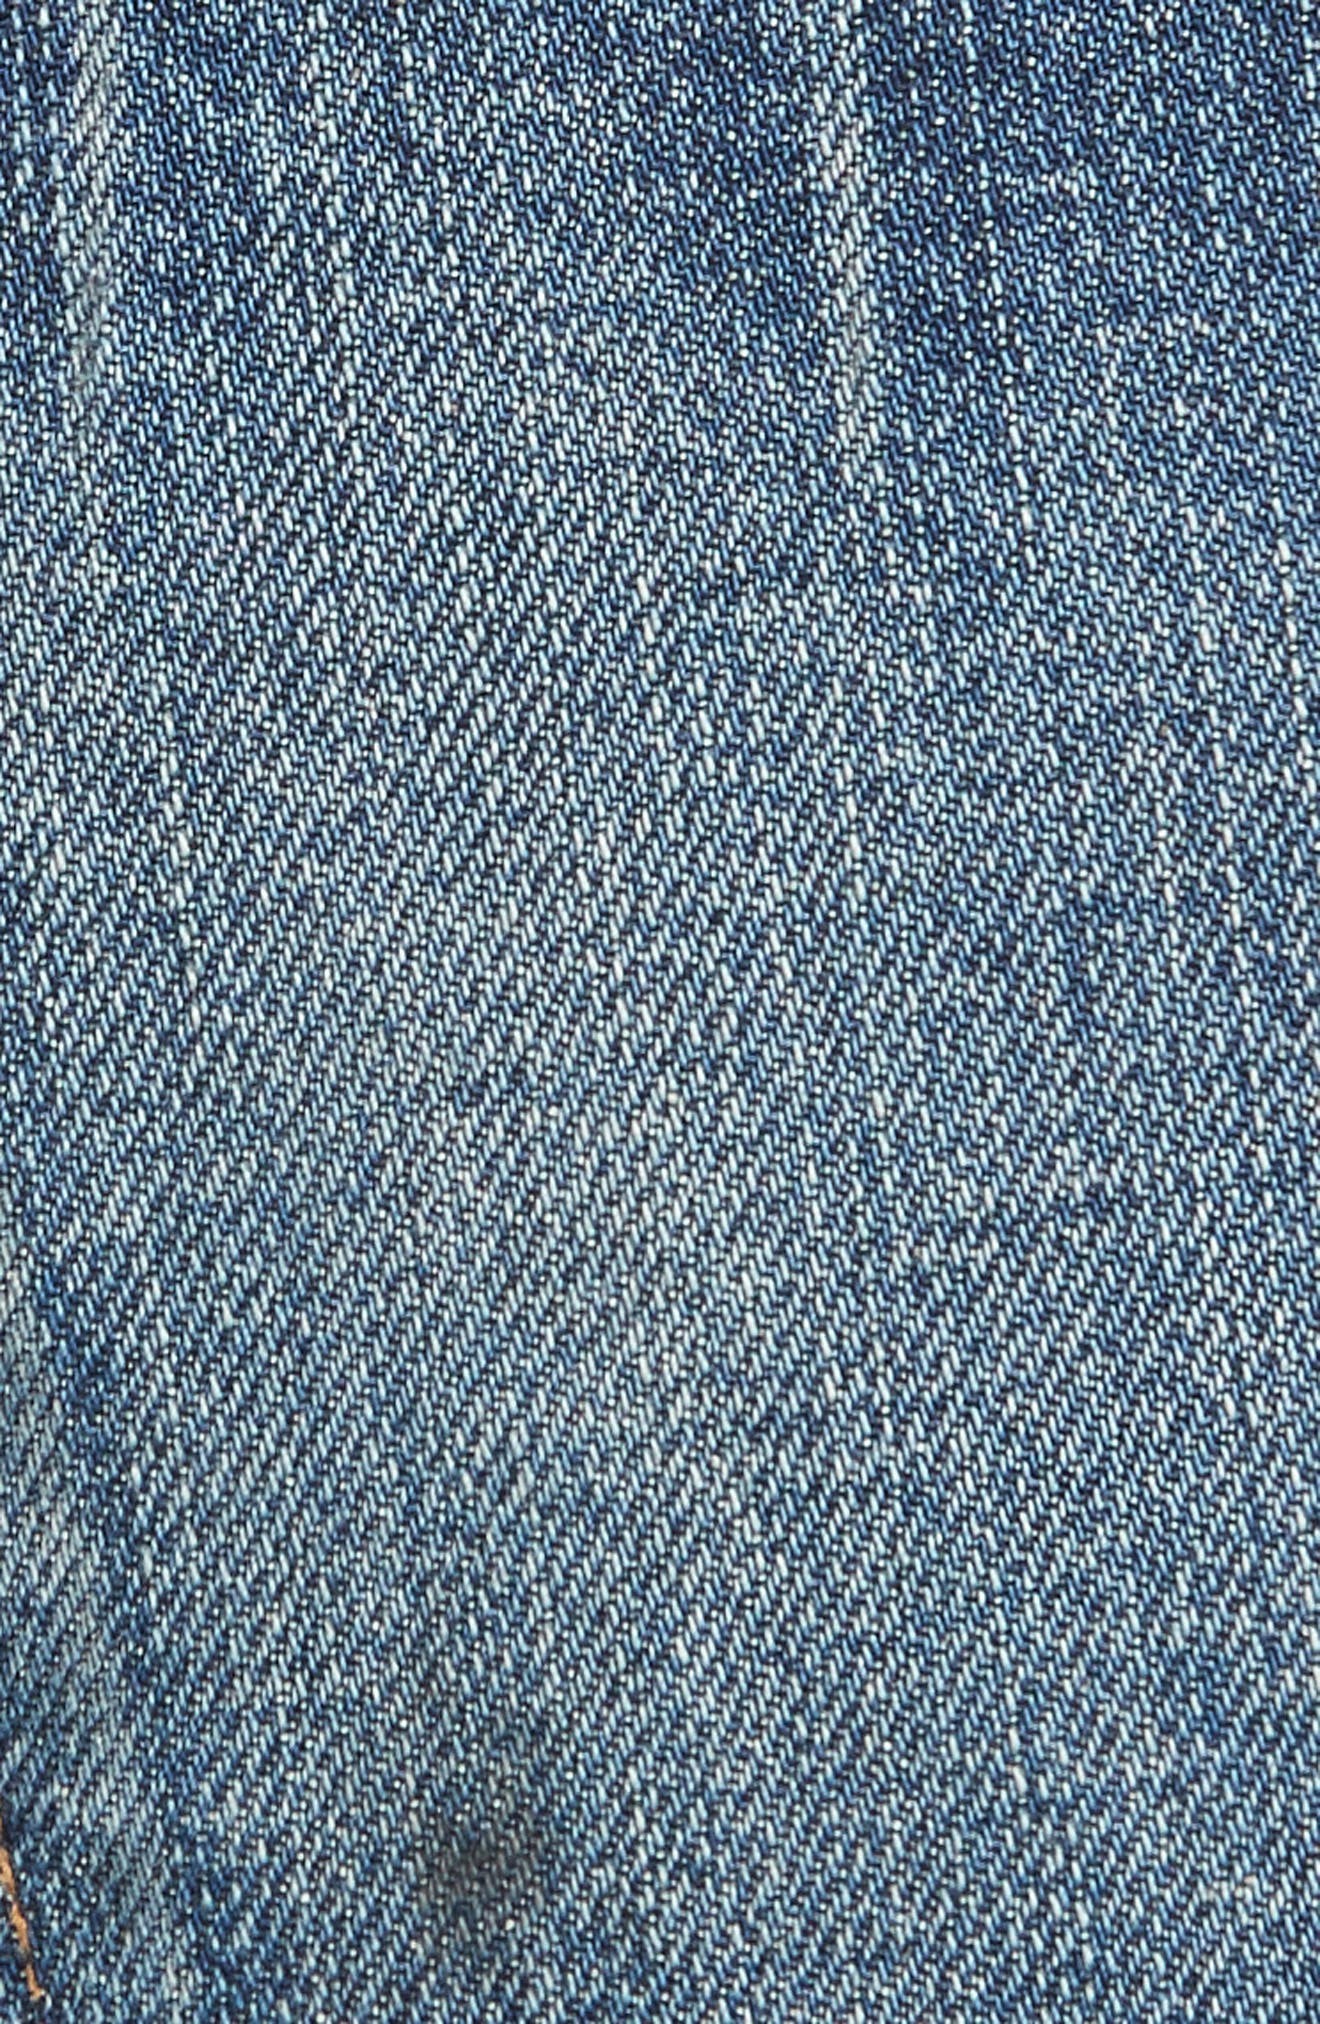 Marlene Corset Waist Straight Leg Jeans,                             Alternate thumbnail 6, color,                             TERRAIN